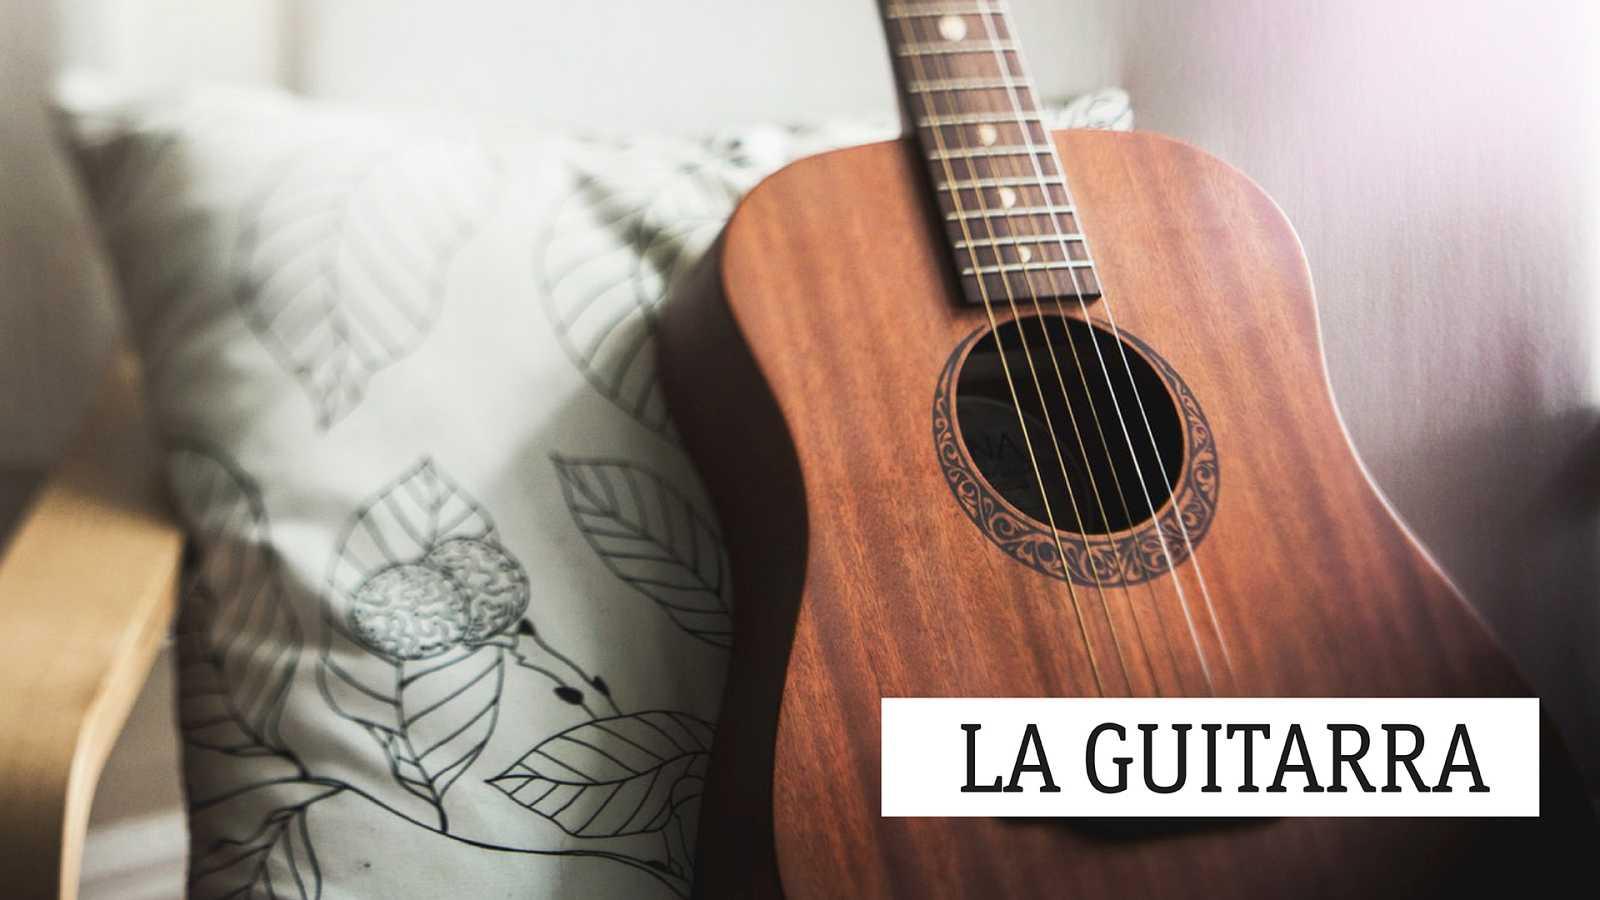 La guitarra - 08/11/20 - escuchar ahora